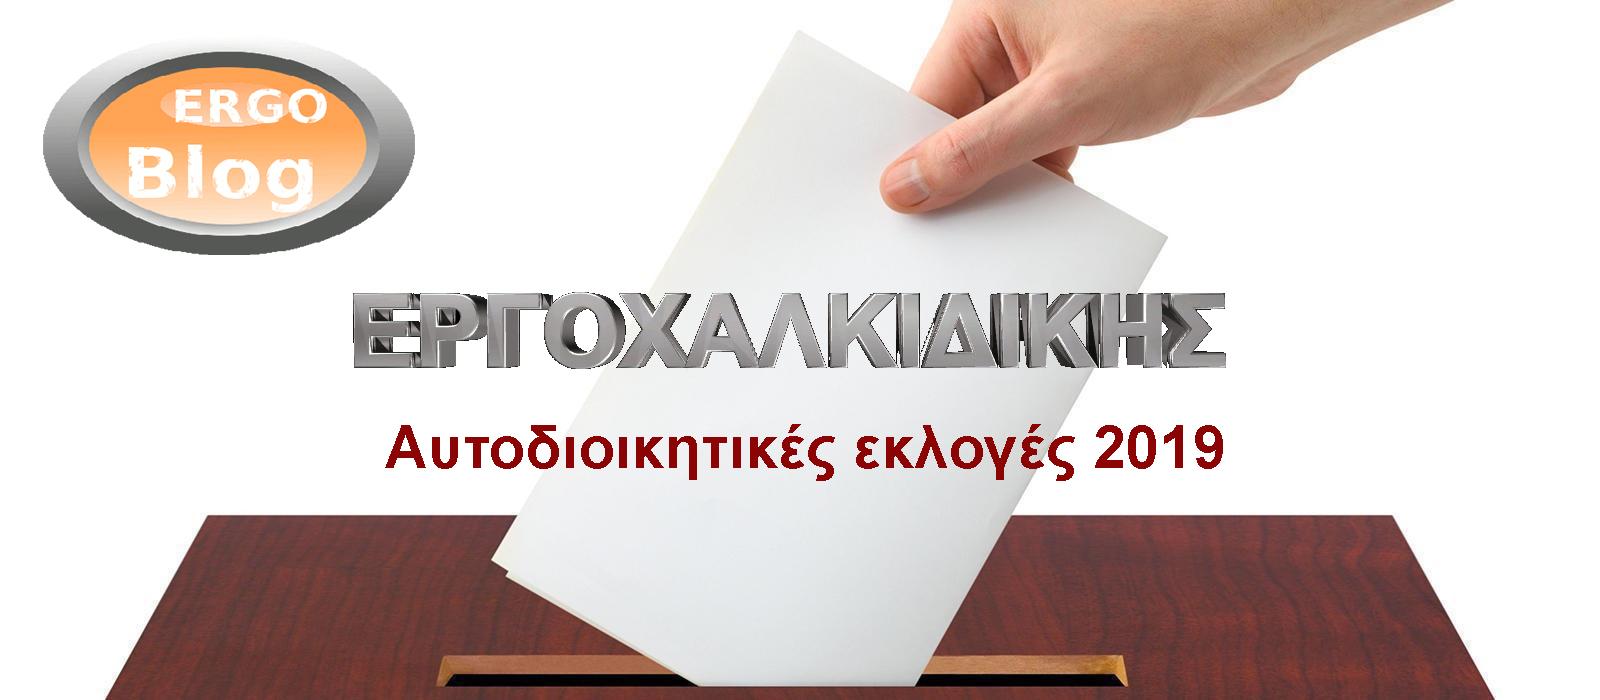 ΑΥΤΟΔΙΟΙΚΗΤΙΚΕΣ ΕΚΛΟΓΕΣ 2019